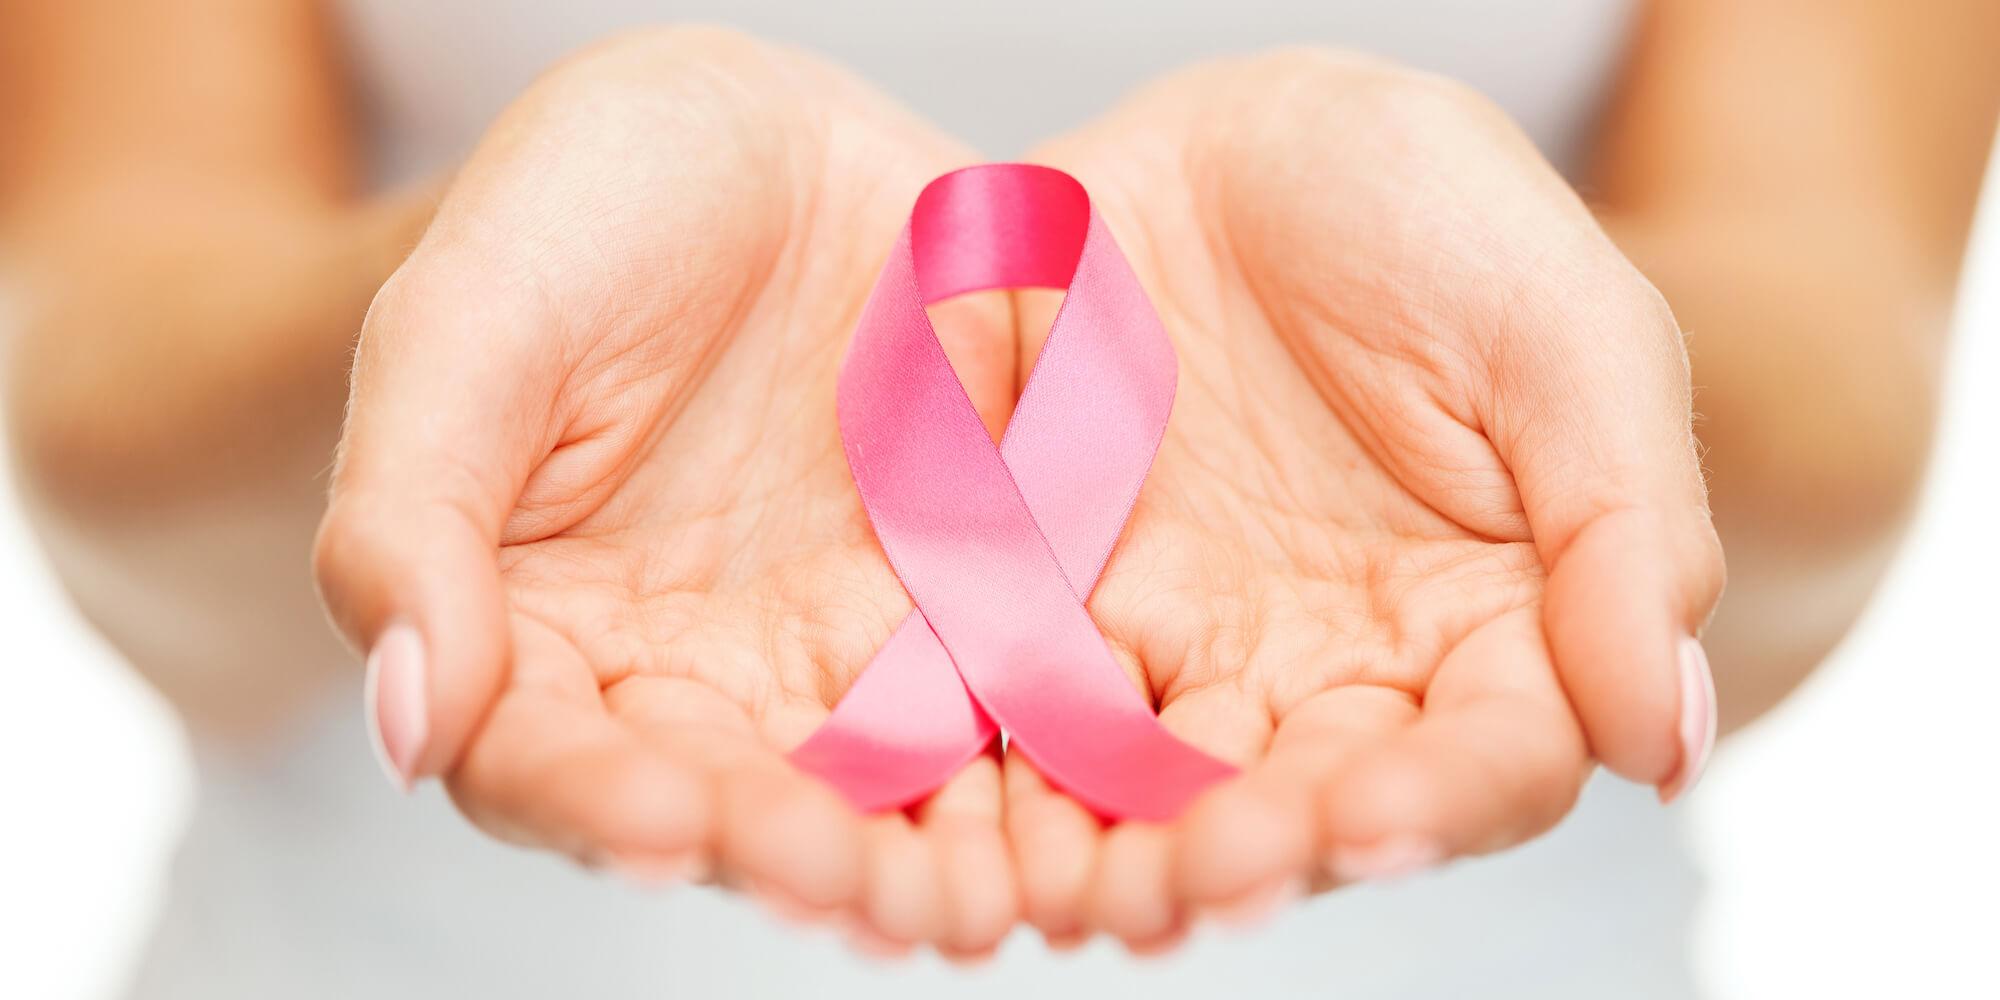 testarea genetica la cancerul de san in stadii incipiente cervical cancer usmle